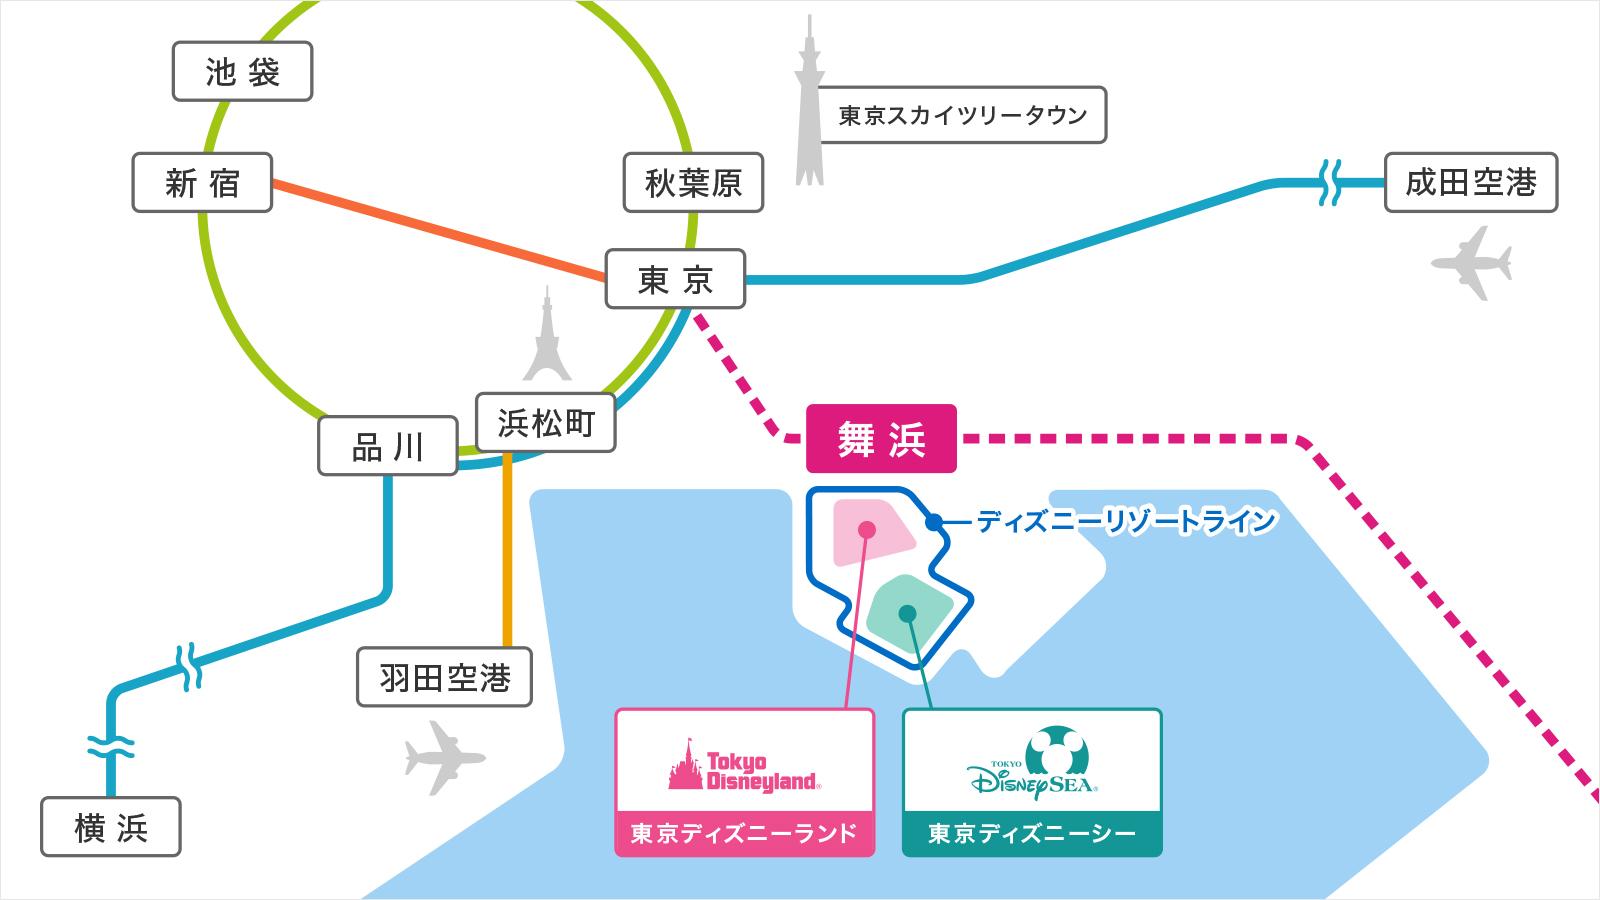 東京地域でのパークの位置が分かる地図のイメージ